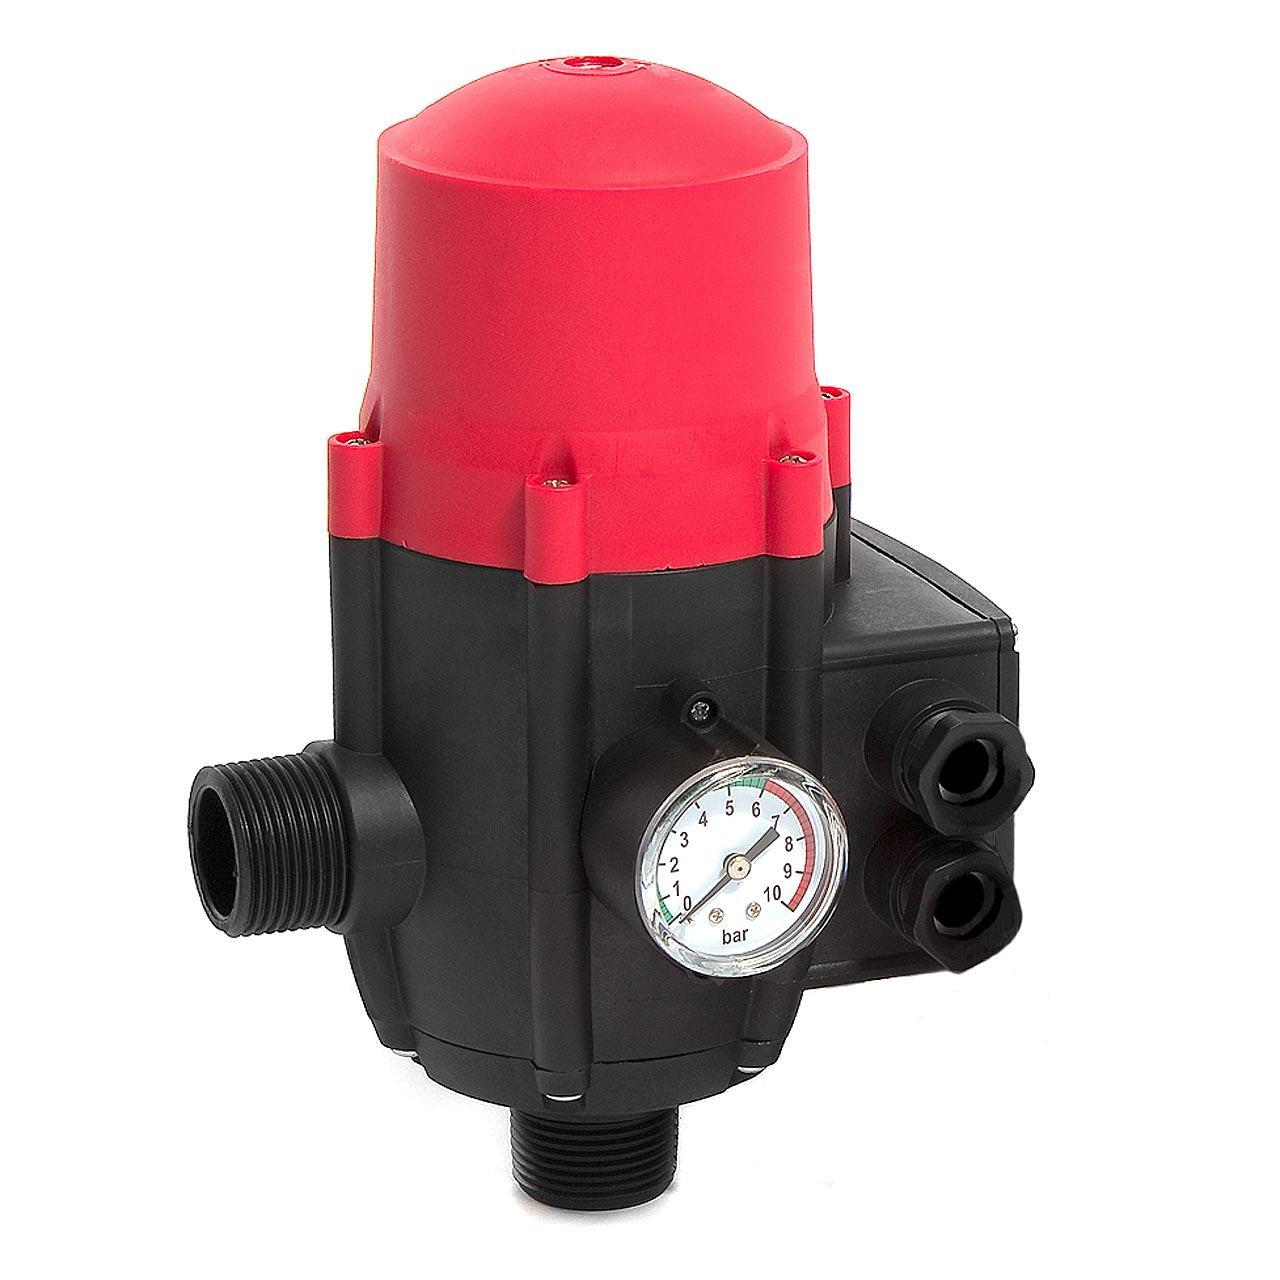 Pumpensteuerung-Pumpe-Druckschalter-Hauswasserwerk-Pumpenschalter